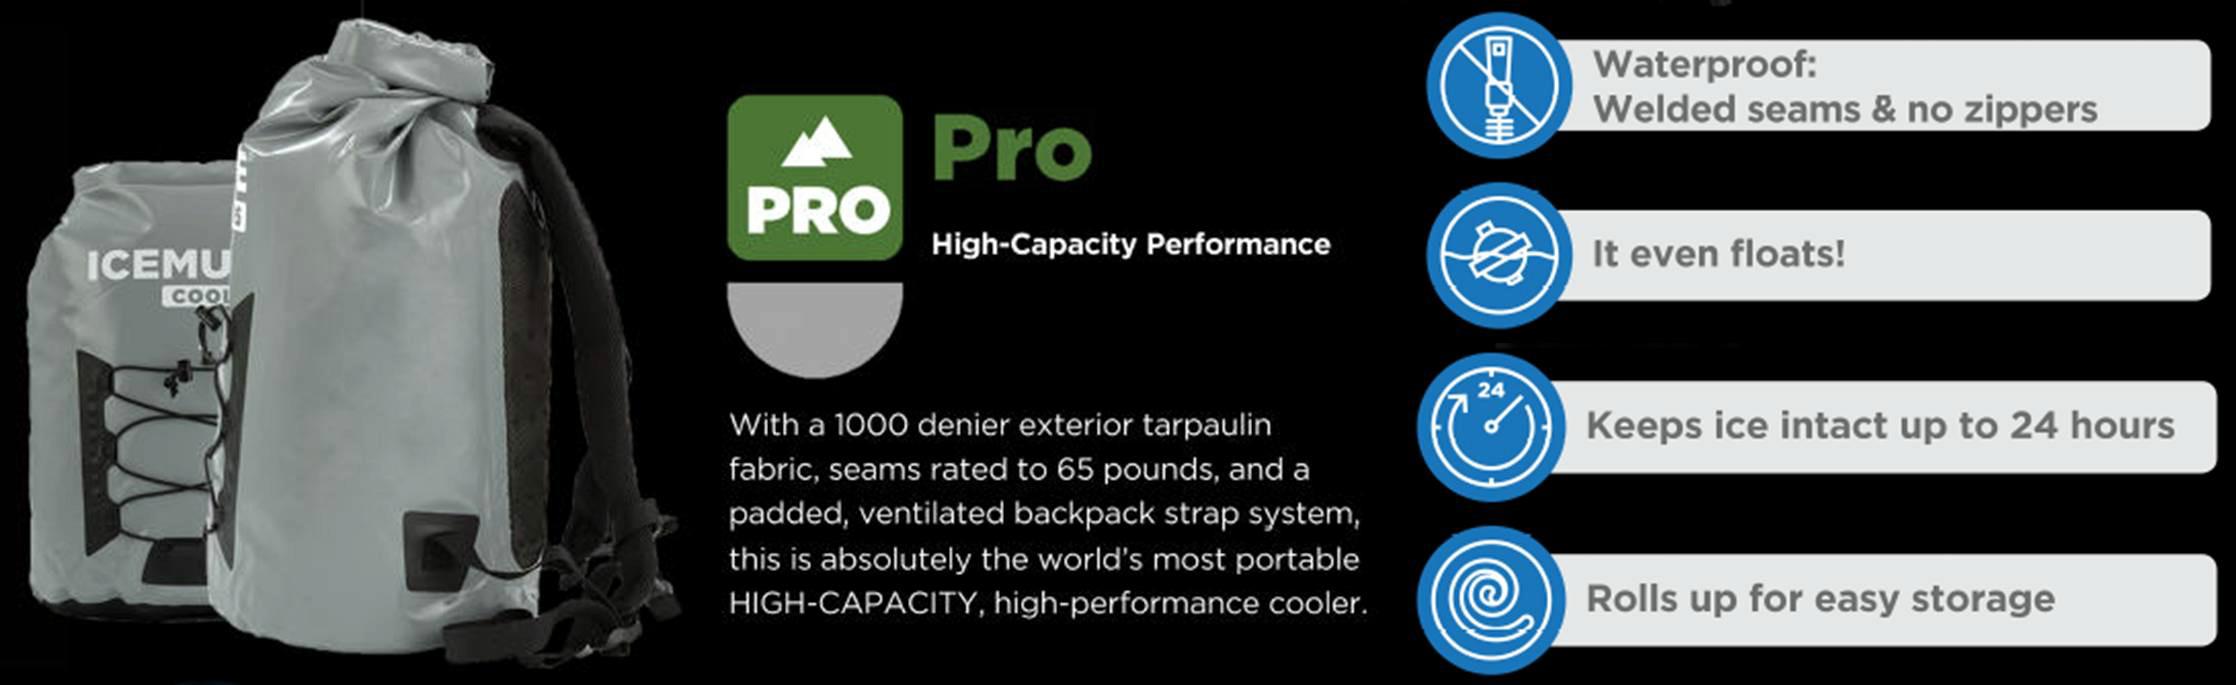 IceMule Pro - 20L to 40L